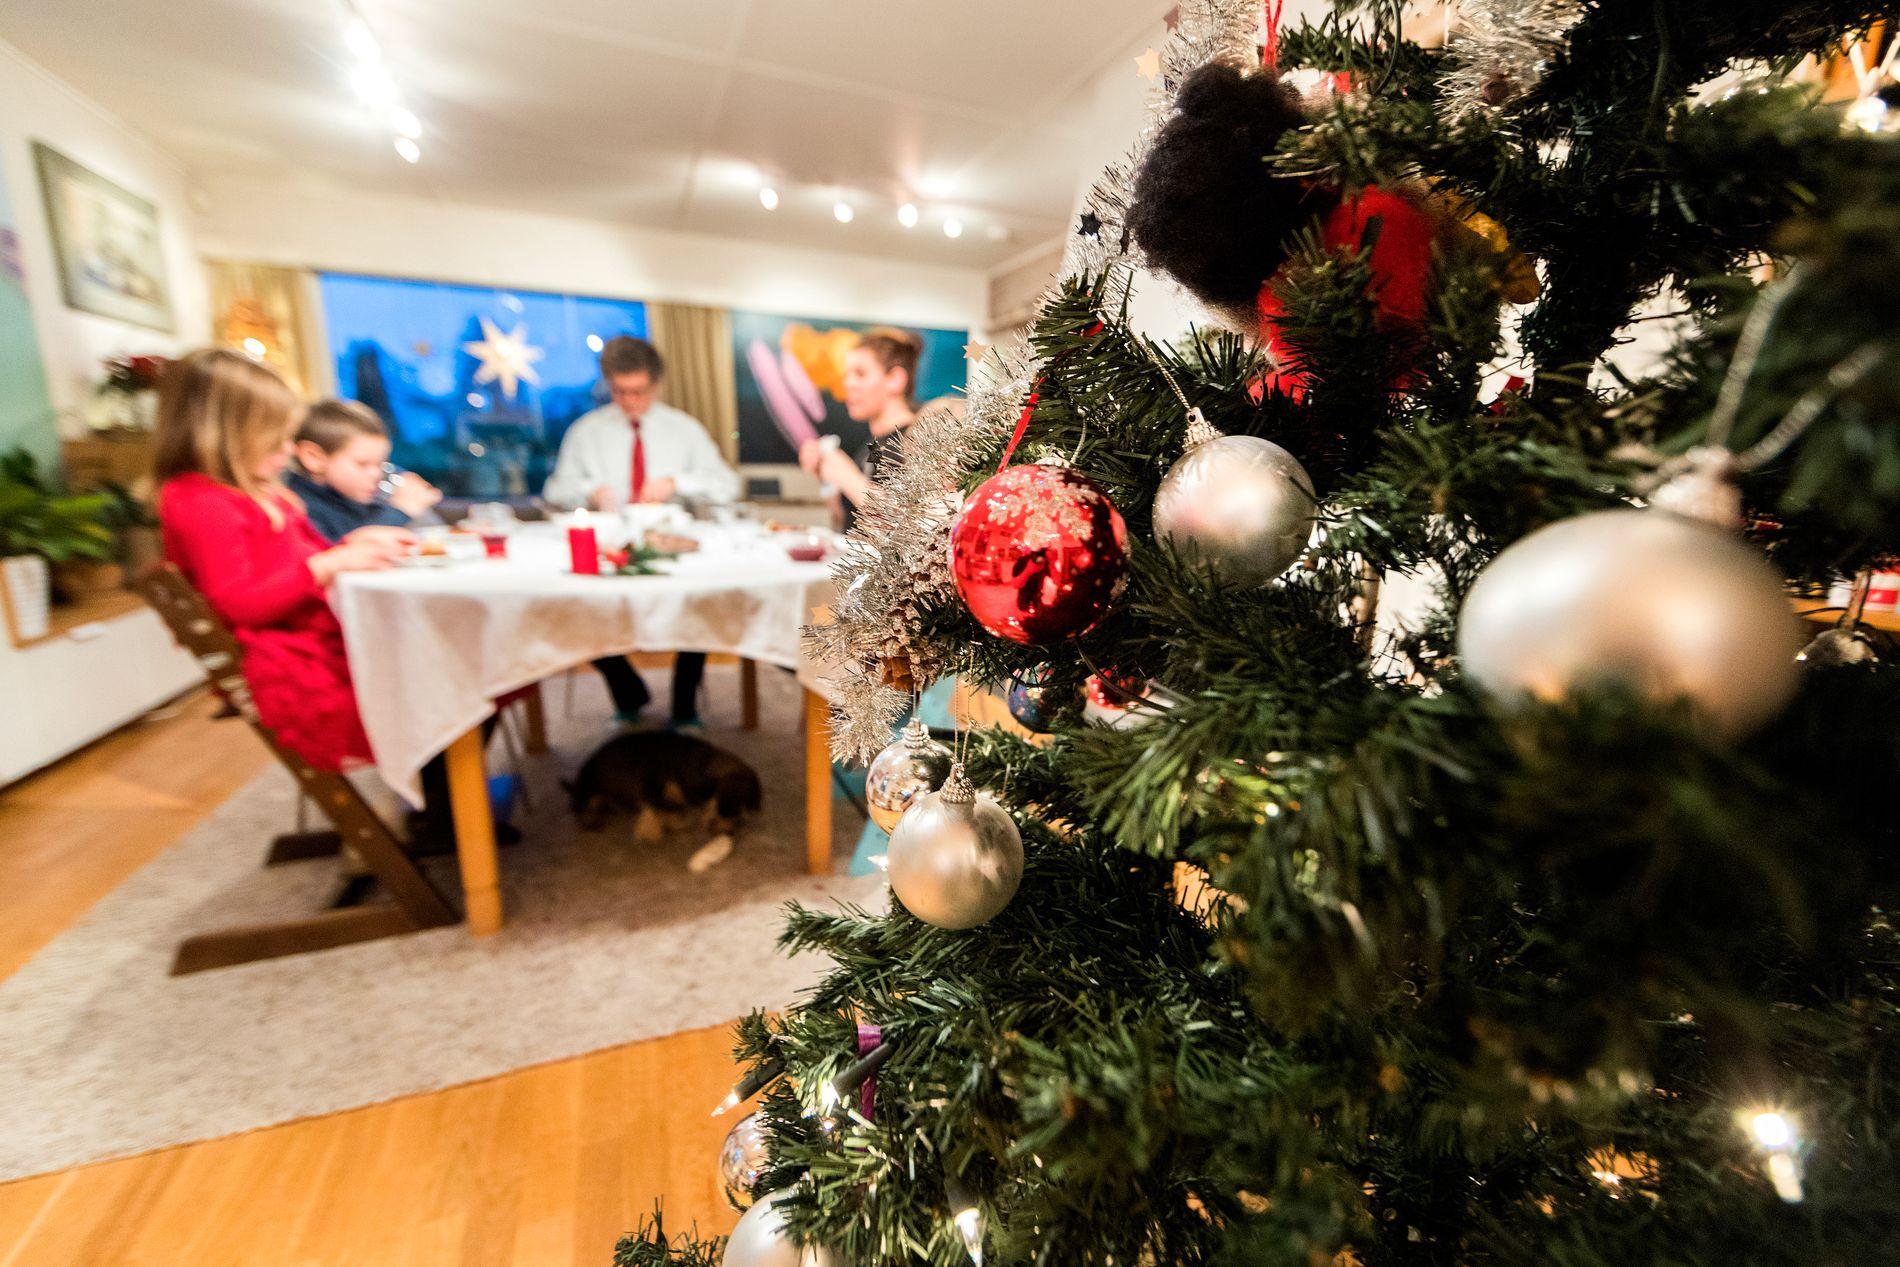 – Du skal stresse til jul, det er en del av kulturarven